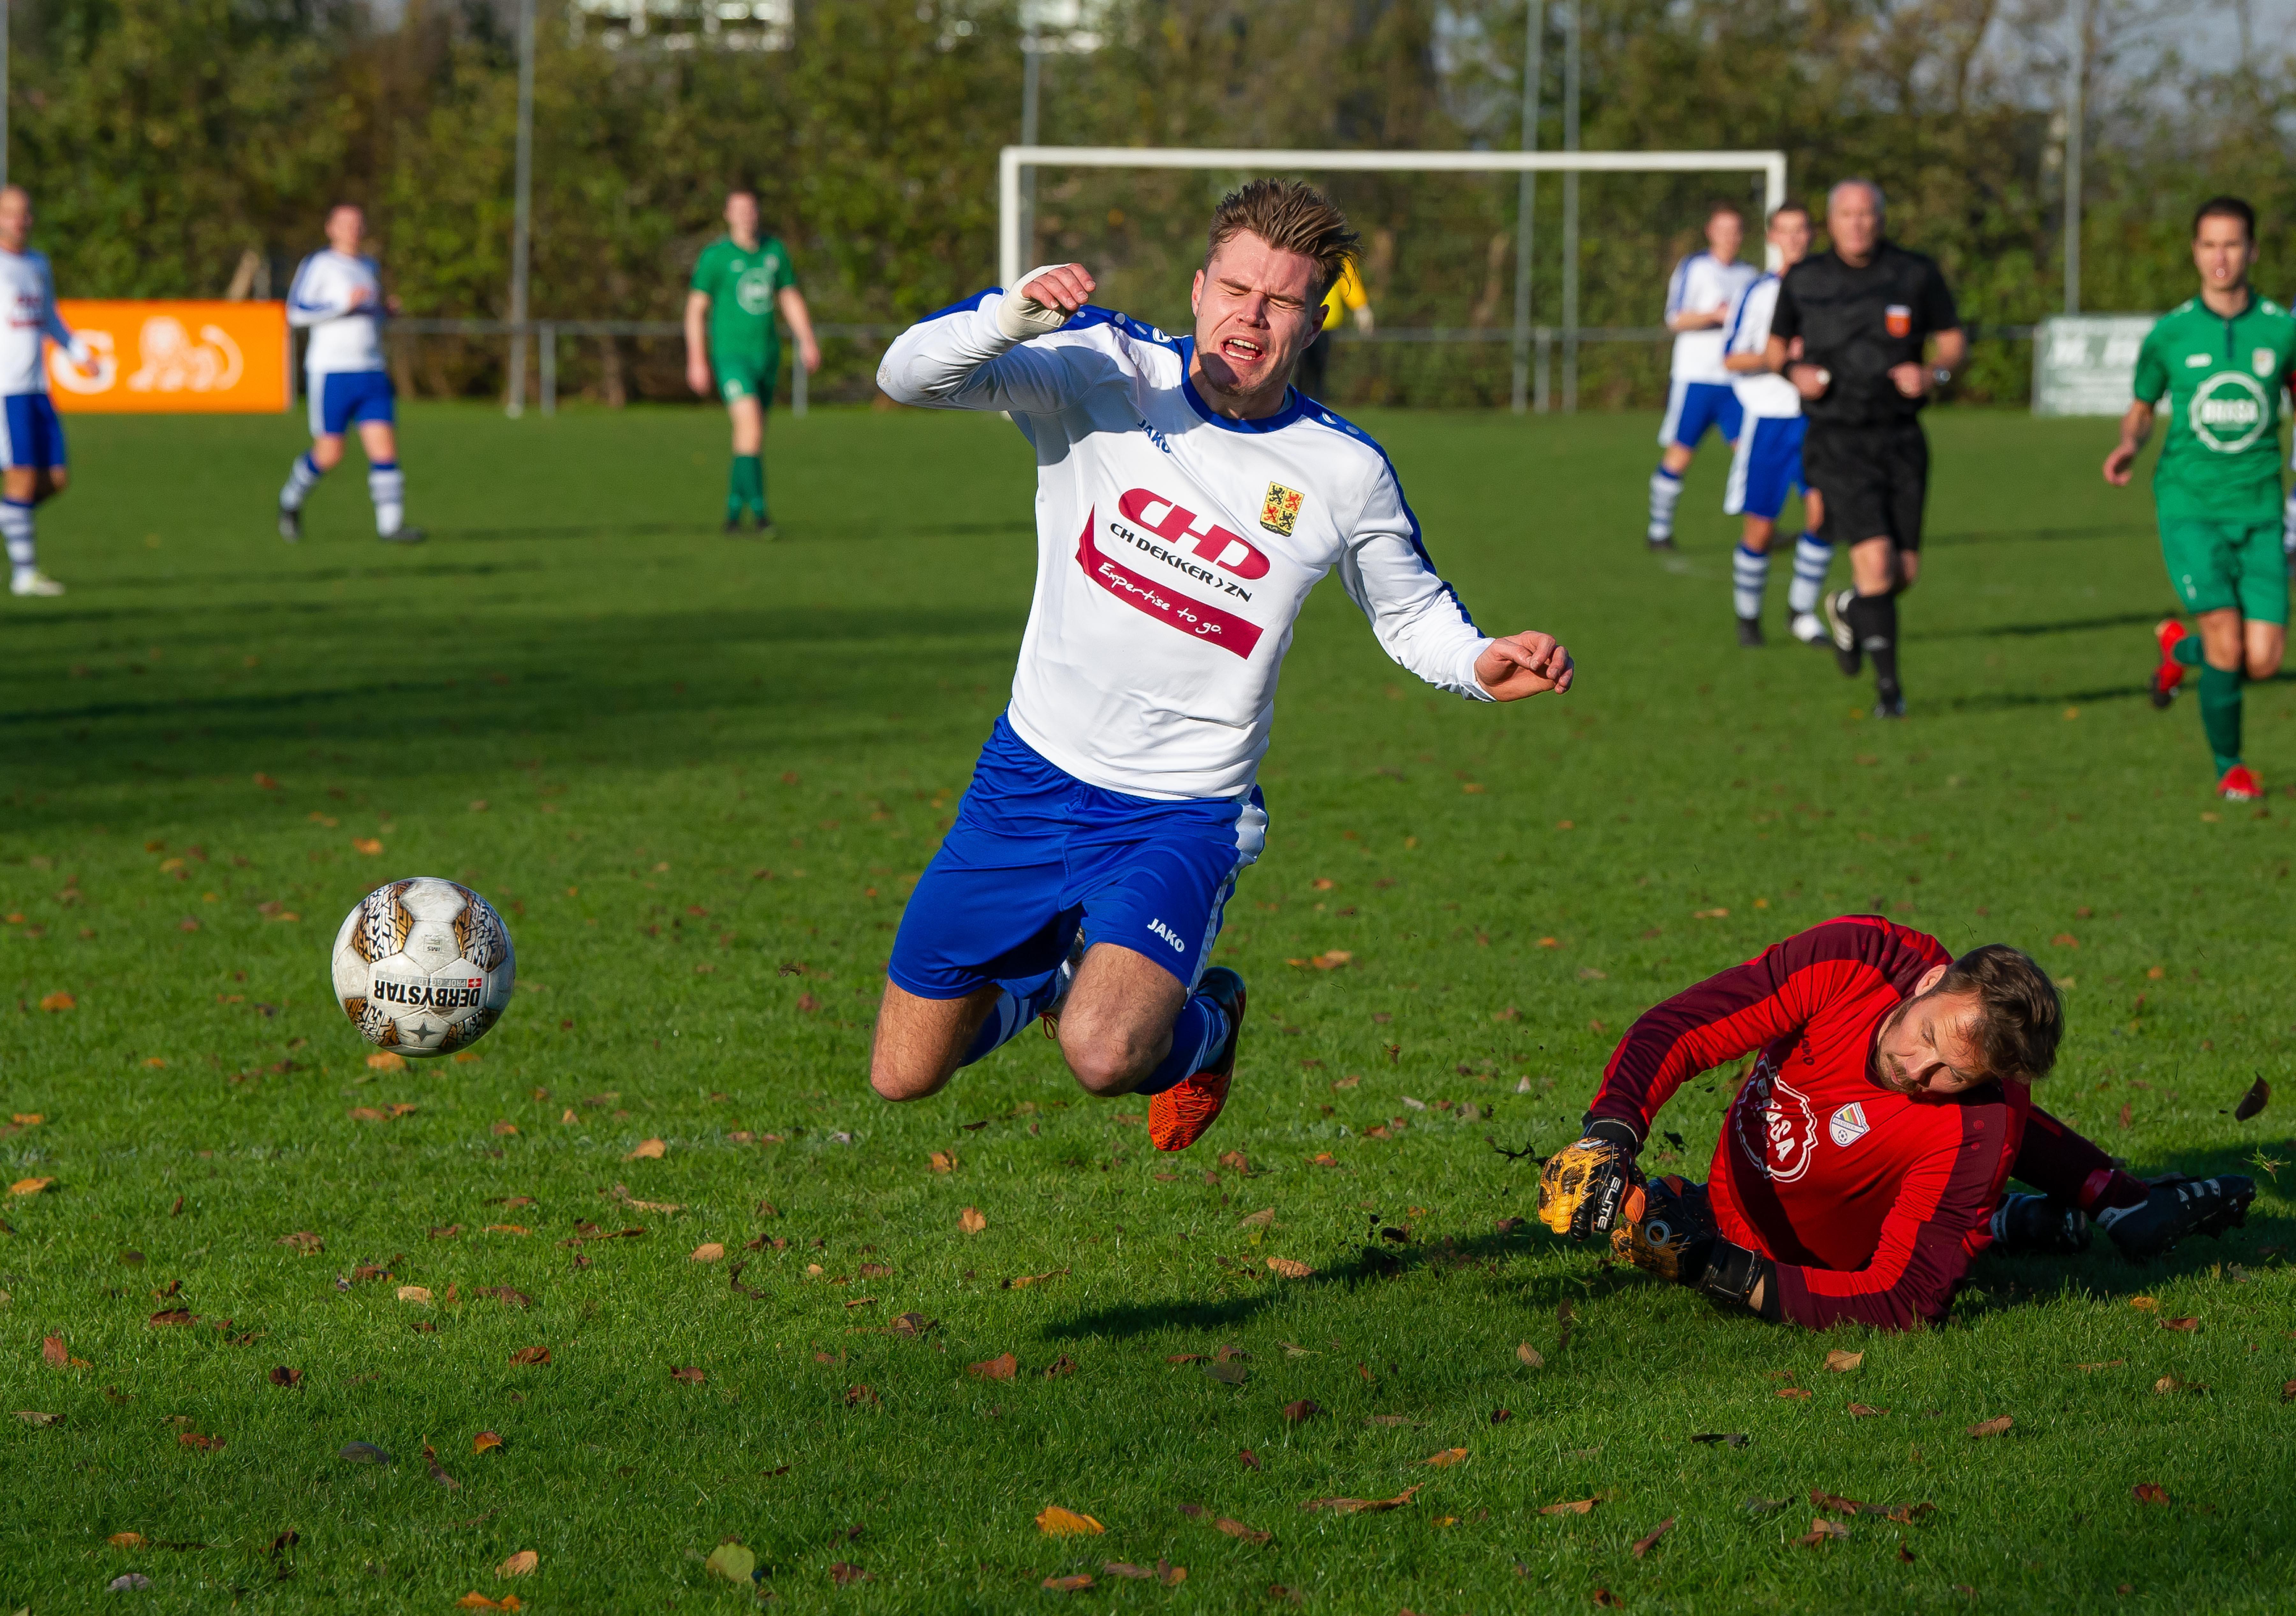 Ilpendam klopt Beemster: 'Lelijke wedstrijden moet je ook winnen' - Noordhollands Dagblad